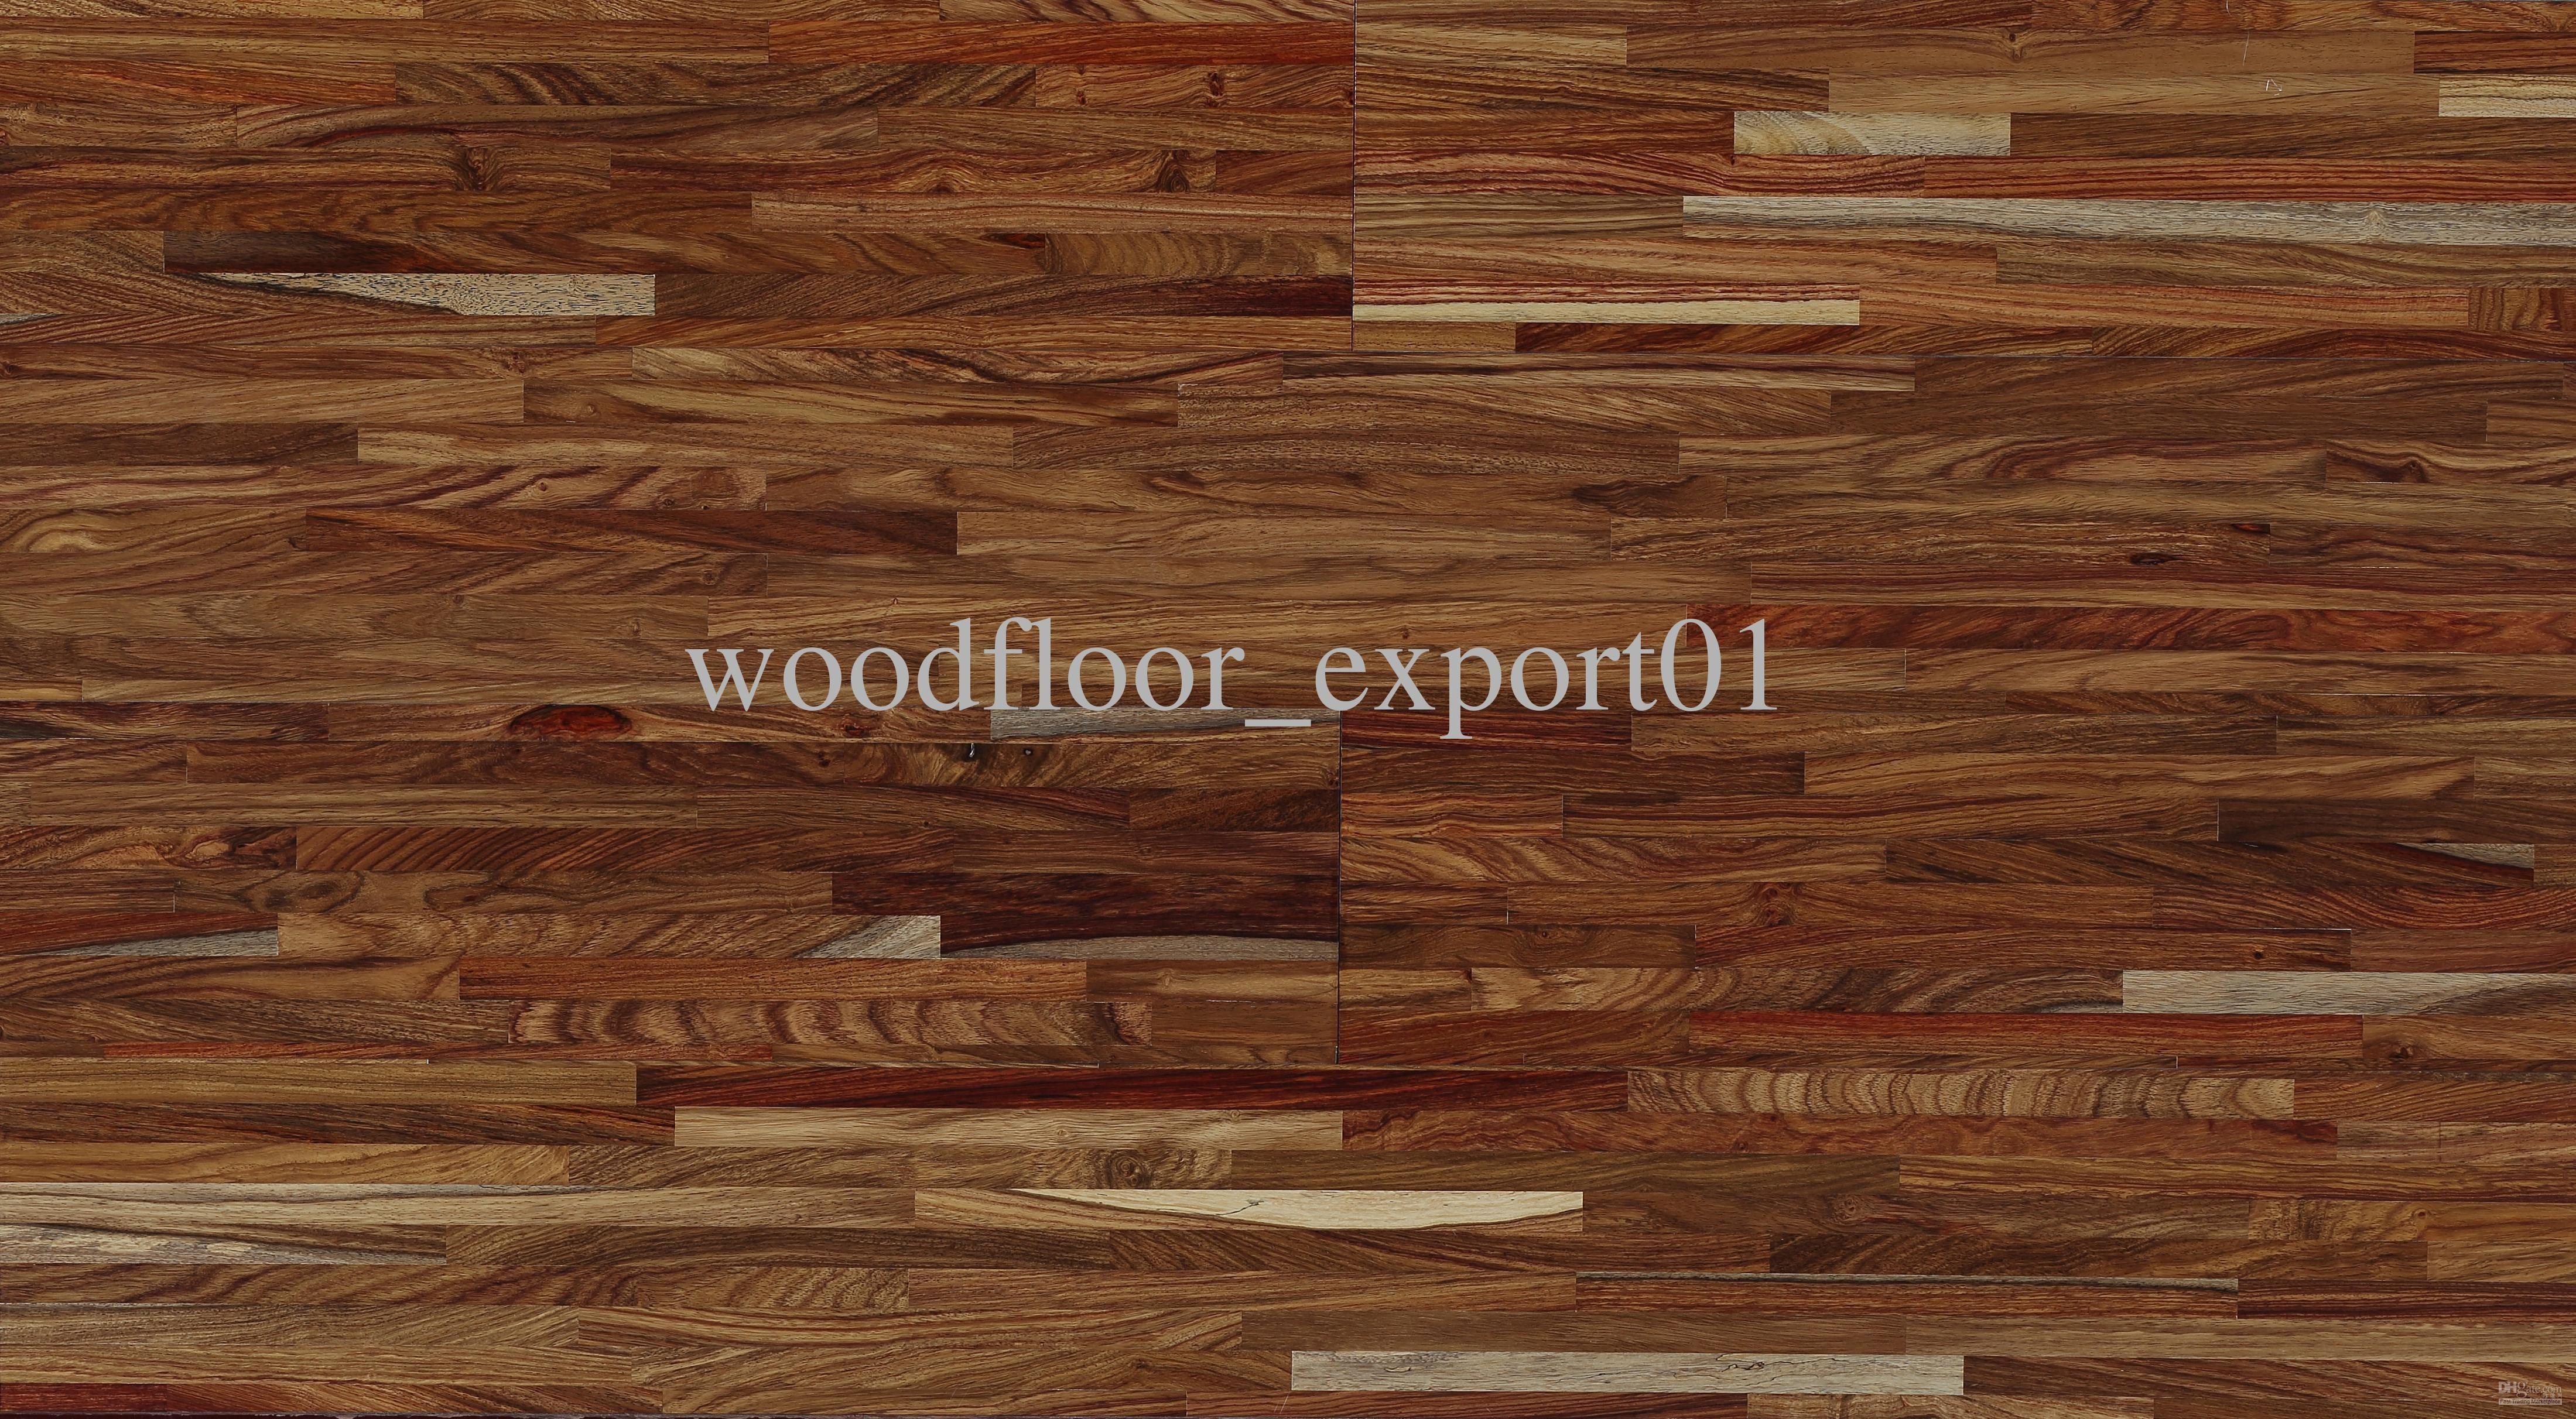 hardwood floor reducer of buy wood flooring 50 best hardwood flooring graphics 50 s floor with buy hardwood flooring related post